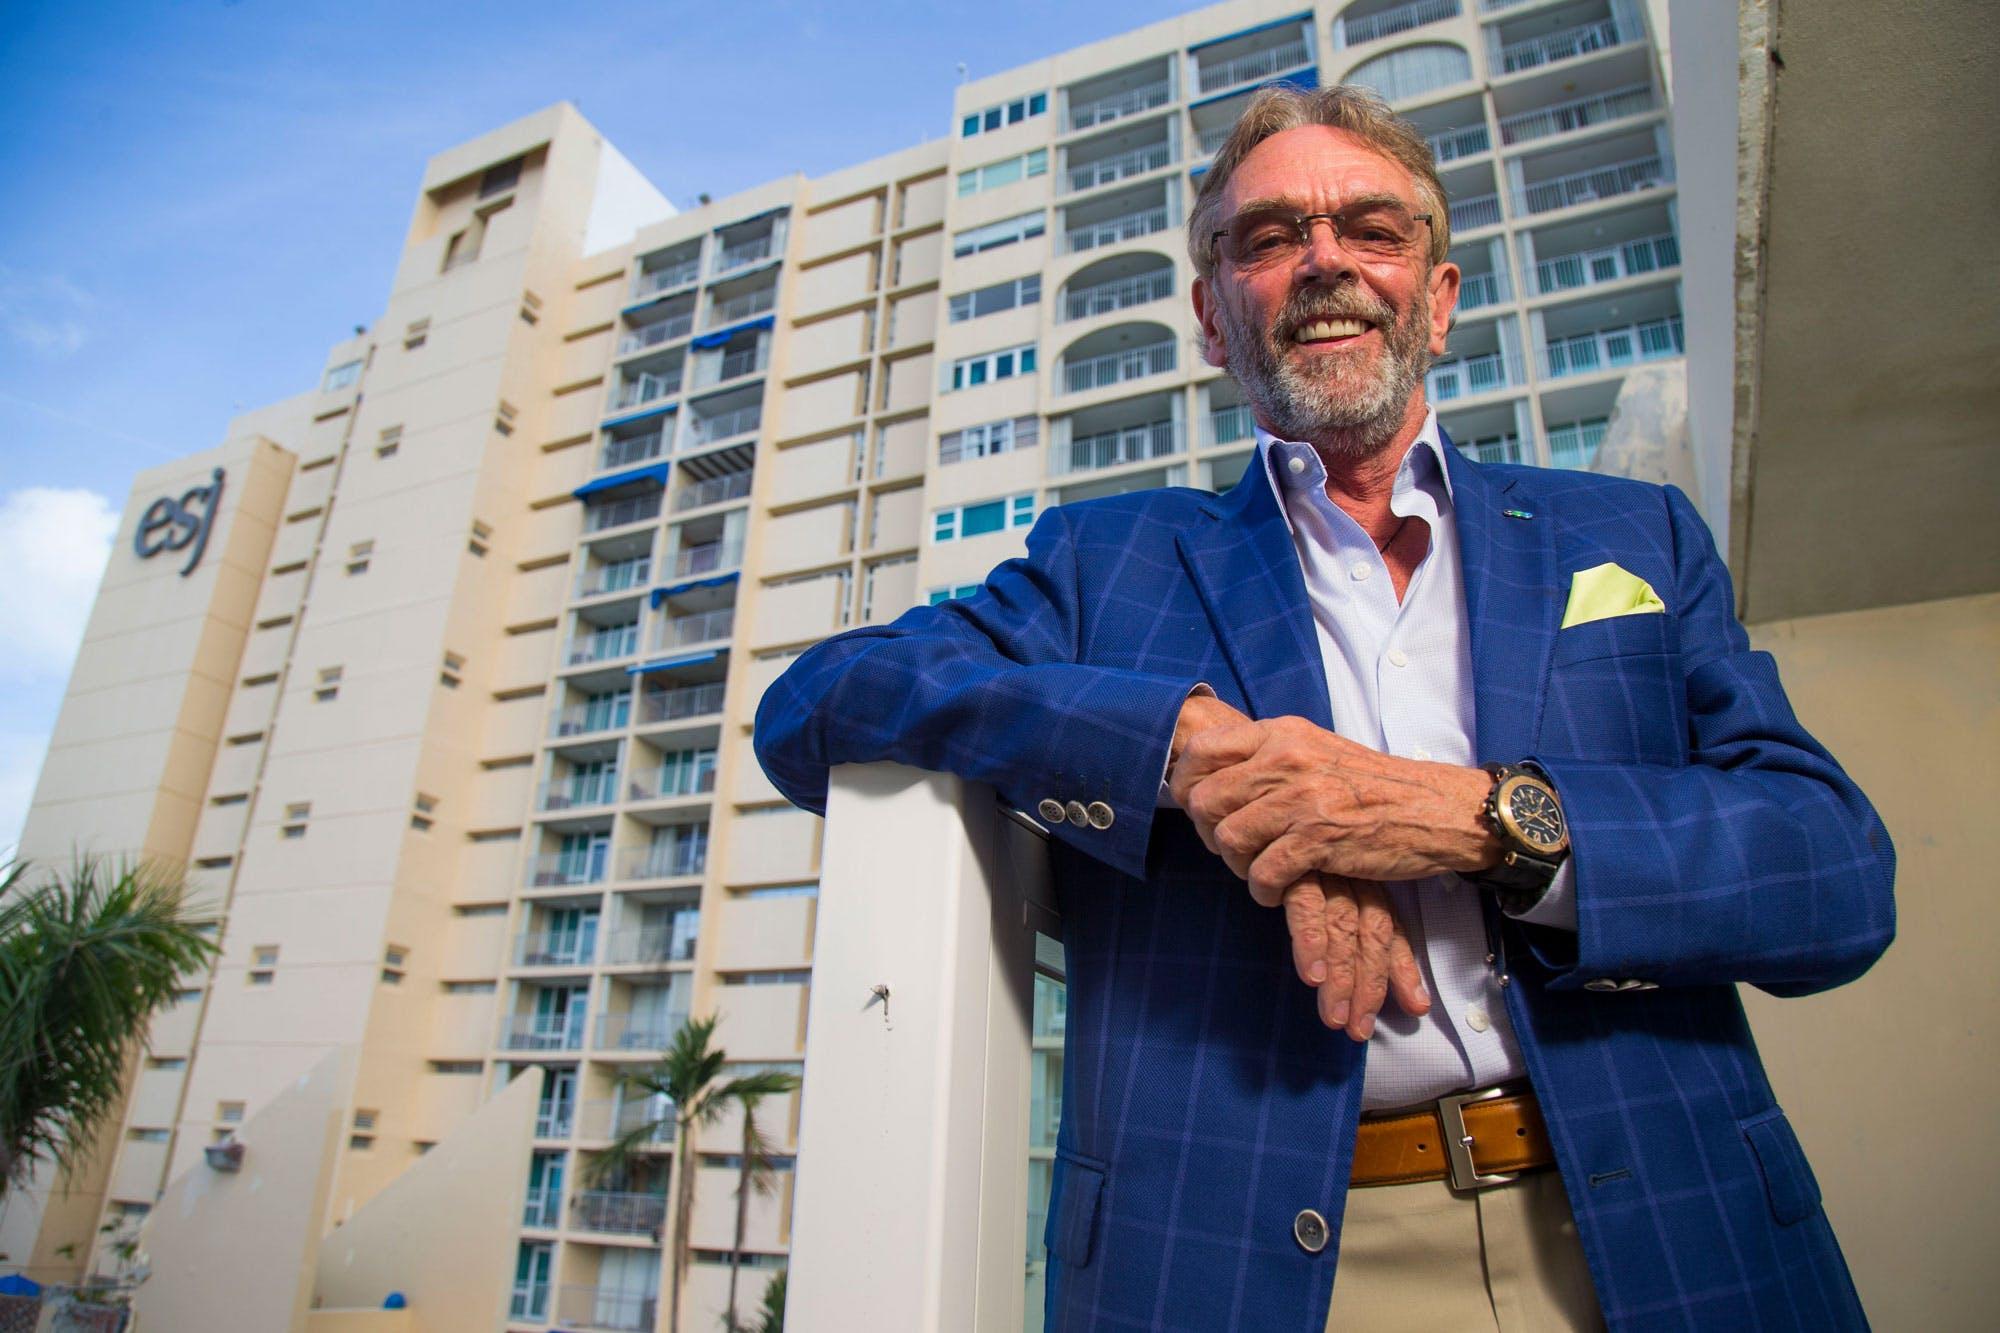 """San Juan , Enero 22 , 2018 - NEGOCIOS - FOTOS para ilustrar una historia sobre el inversionista Keith St. Clair , dueno del ESJ Tower , acerca de sus nuevos proyectos , con una inversion que sobre pasa los 200 millones . EN LA FOTO una vista de la remodelacion de los espacios del ESJ Tower en Isla Verde .FOTO POR: tonito.zayas@gfrmedia.comRamon """" Tonito """" Zayas / GFR Media"""